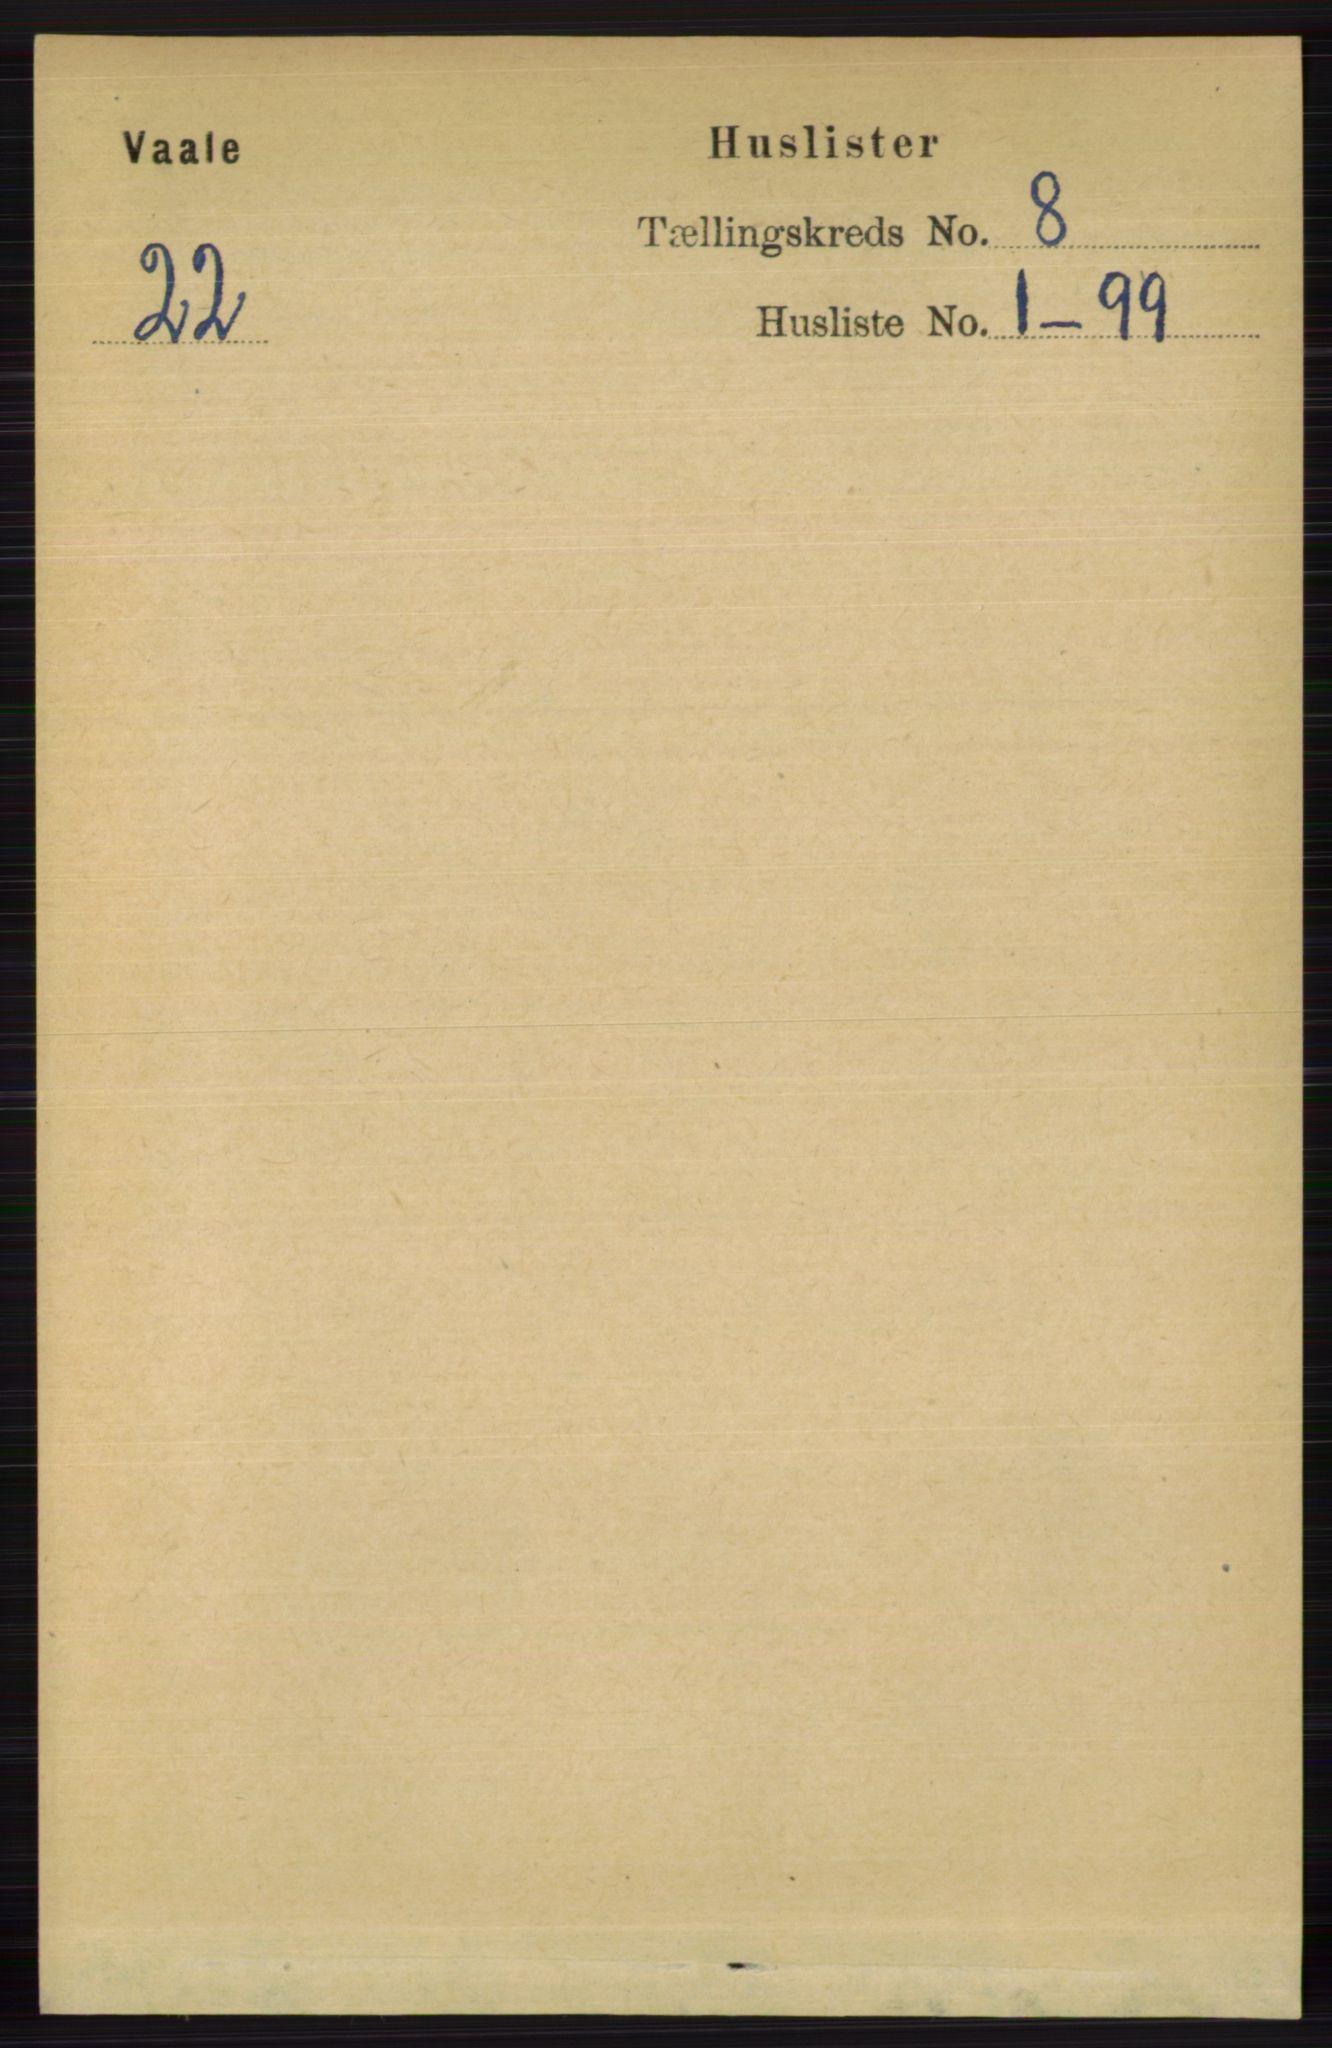 RA, Folketelling 1891 for 0716 Våle herred, 1891, s. 2760